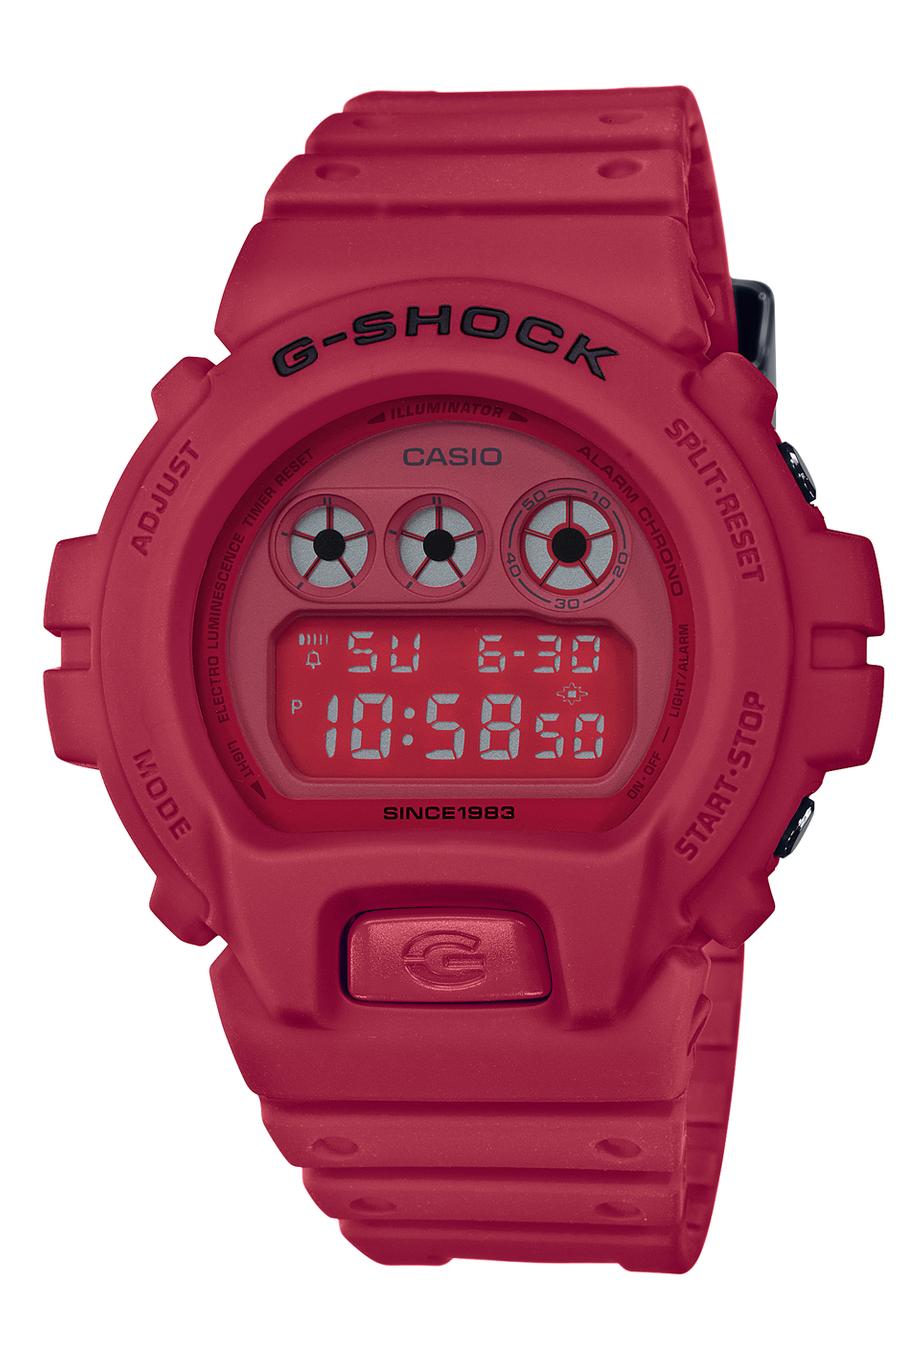 G-Shock Red Out en résine, 49 x 43 mm, mouvement multifonctions à quartz, bracelet en caoutchouc. 139 €. Casio.